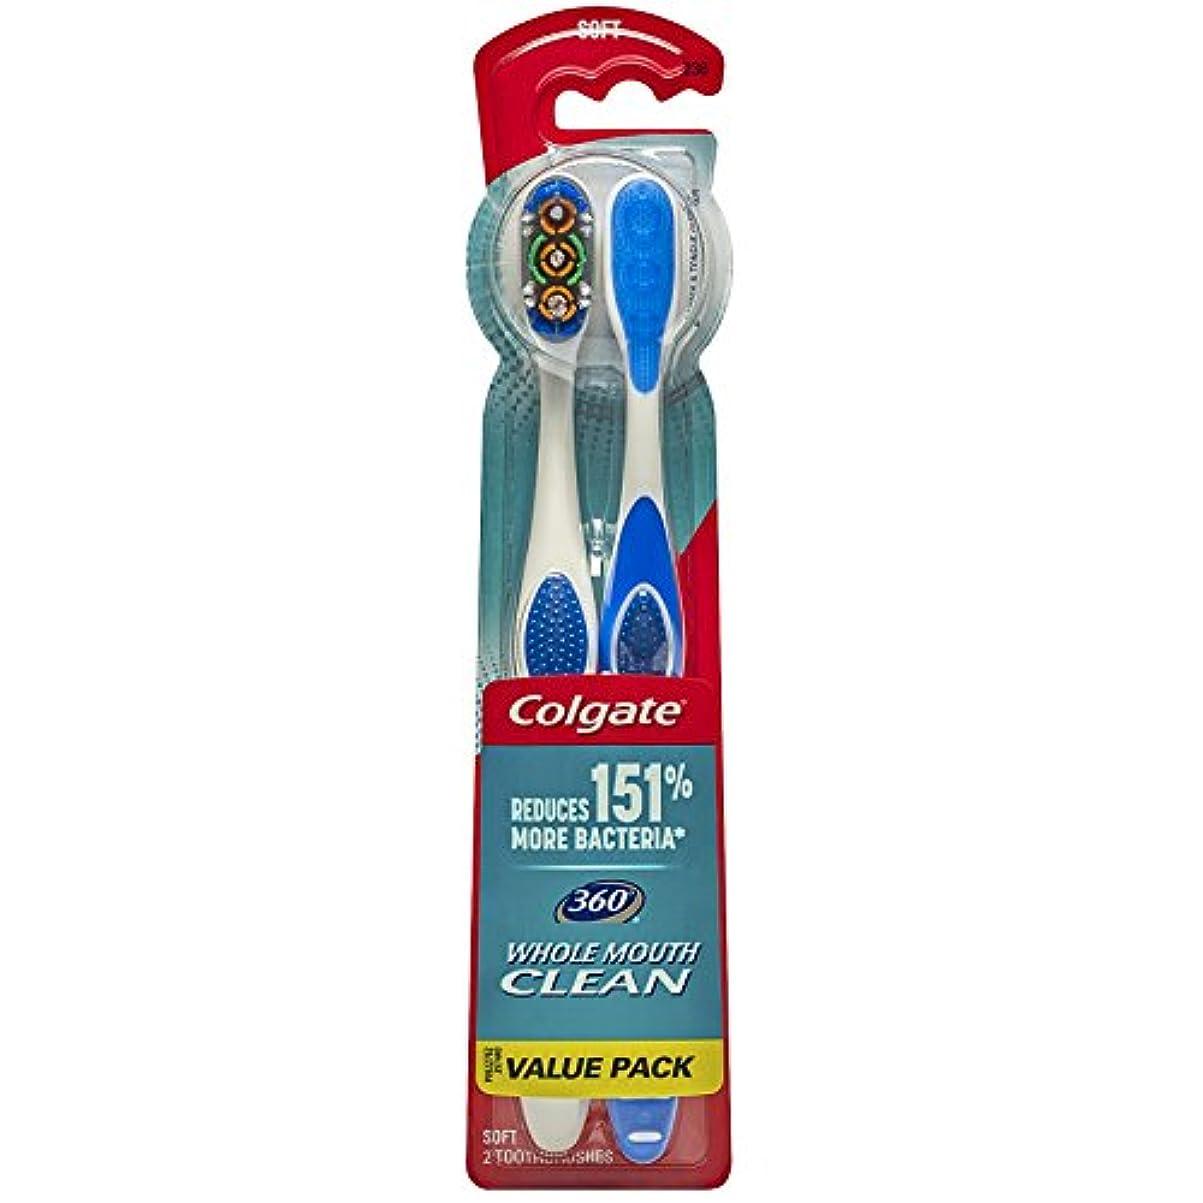 筋どんなときもColgate 360大人の完全な頭部柔らかい歯ブラシ、ツインパック